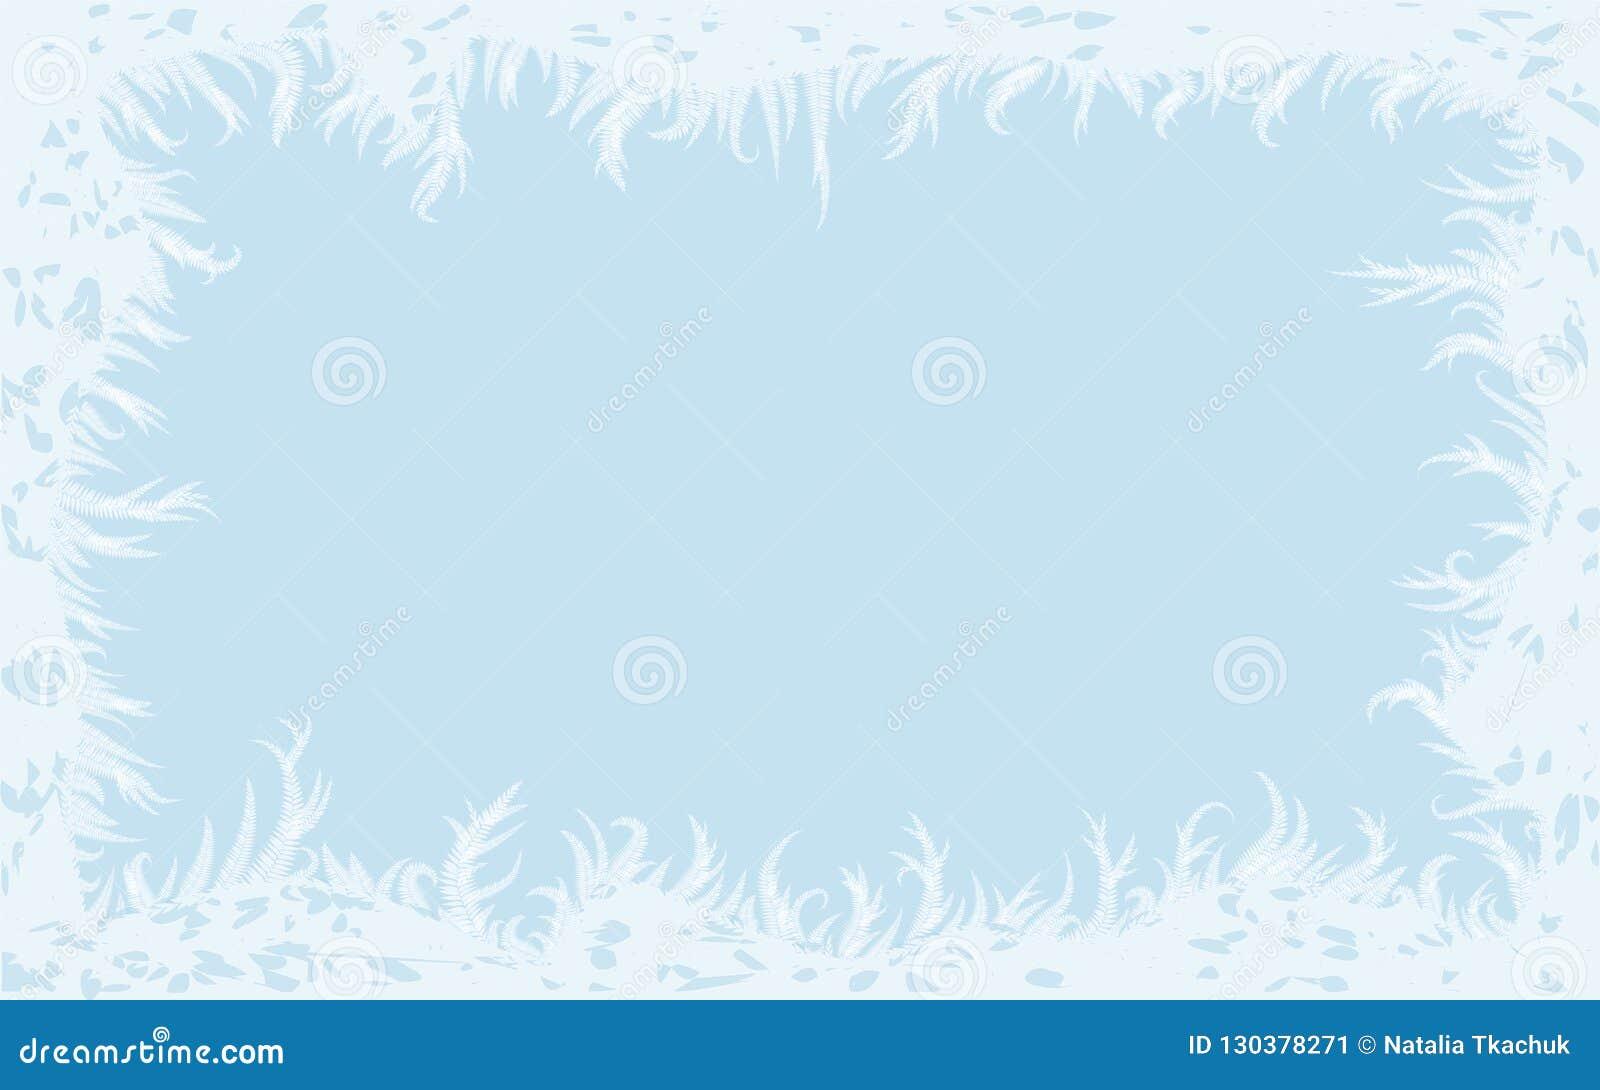 Zimy rama z oszroniejącym szkłem, wektorowa ilustracja